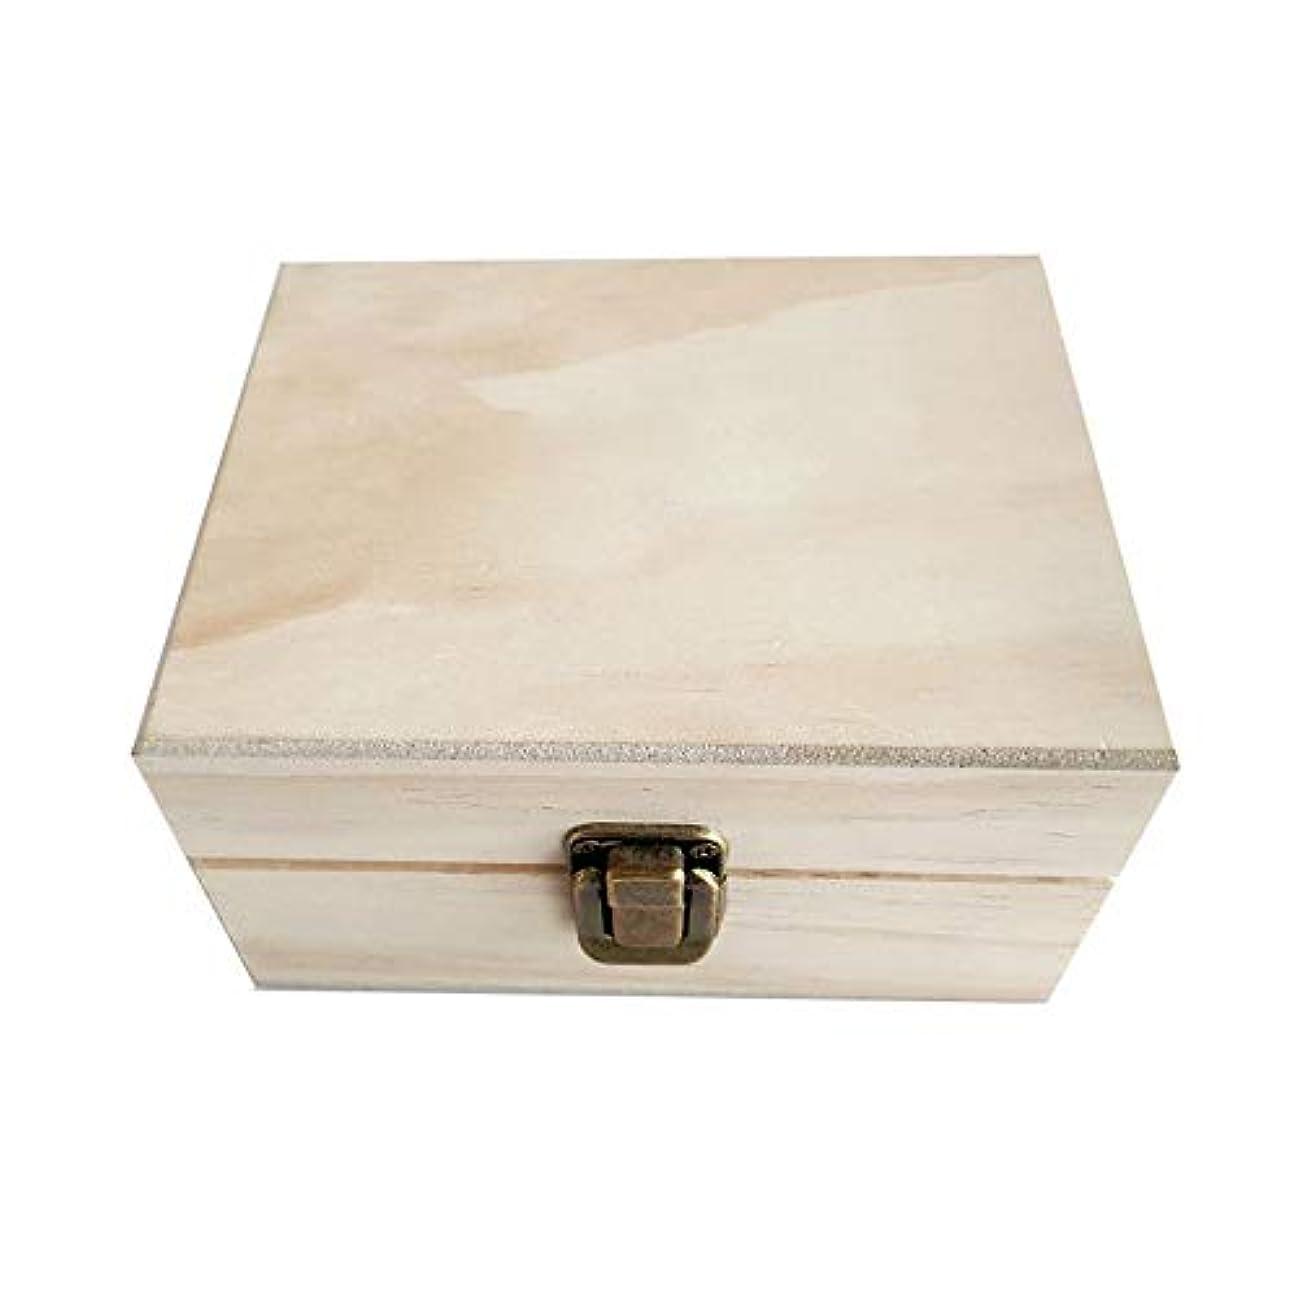 松の木頑丈アスリートエッセンシャルオイル収納ボックス 12スロットエッセンシャルオイルボックス木製収納ケースは12本入りエッセンシャルオイルスペースセーバー15x12x8.5cm成り立ちます ポータブル収納ボックス (色 : Natural, サイズ : 15X12X8.5CM)